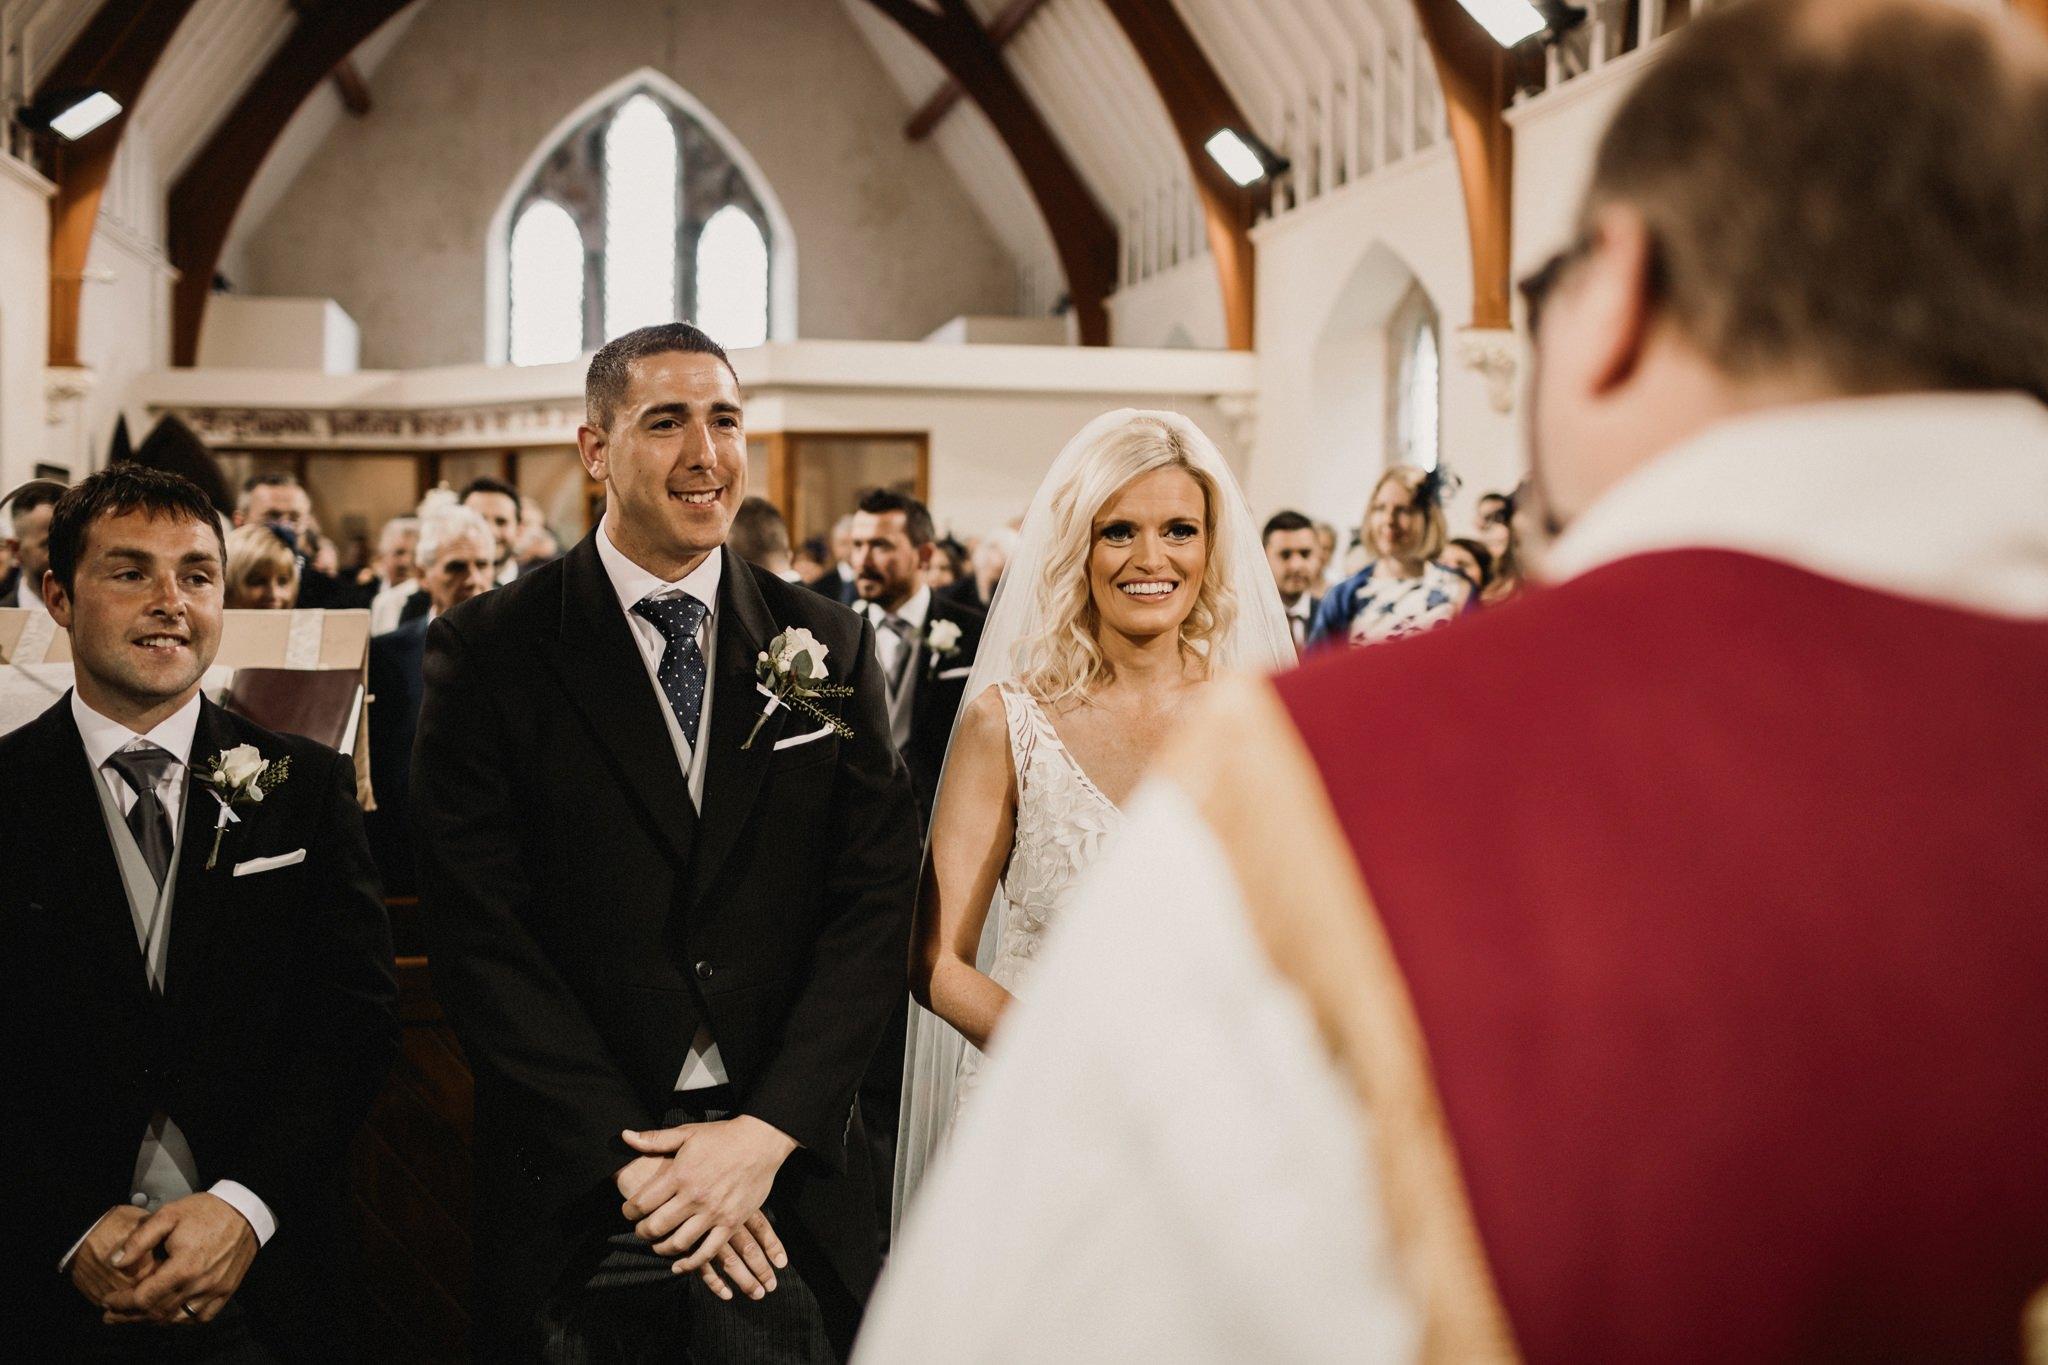 Tre-Ysgawen Wedding Photography-1532-Love Luella.jpg